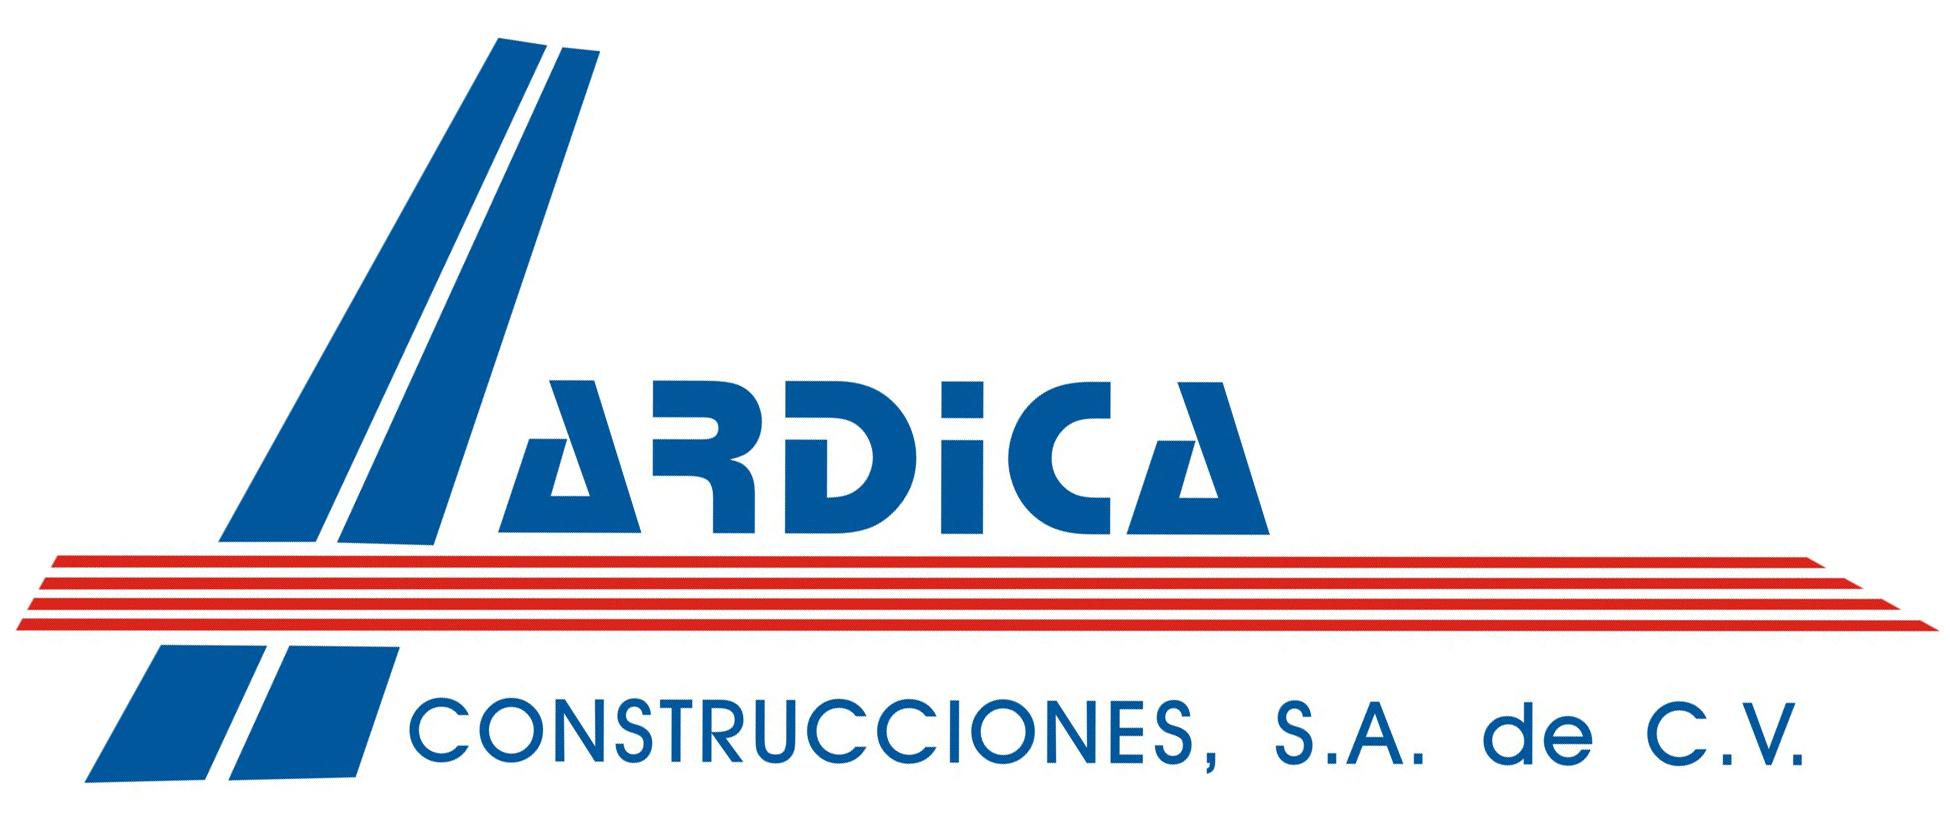 Ardica_Construcciones_SA_de__CV.jpg